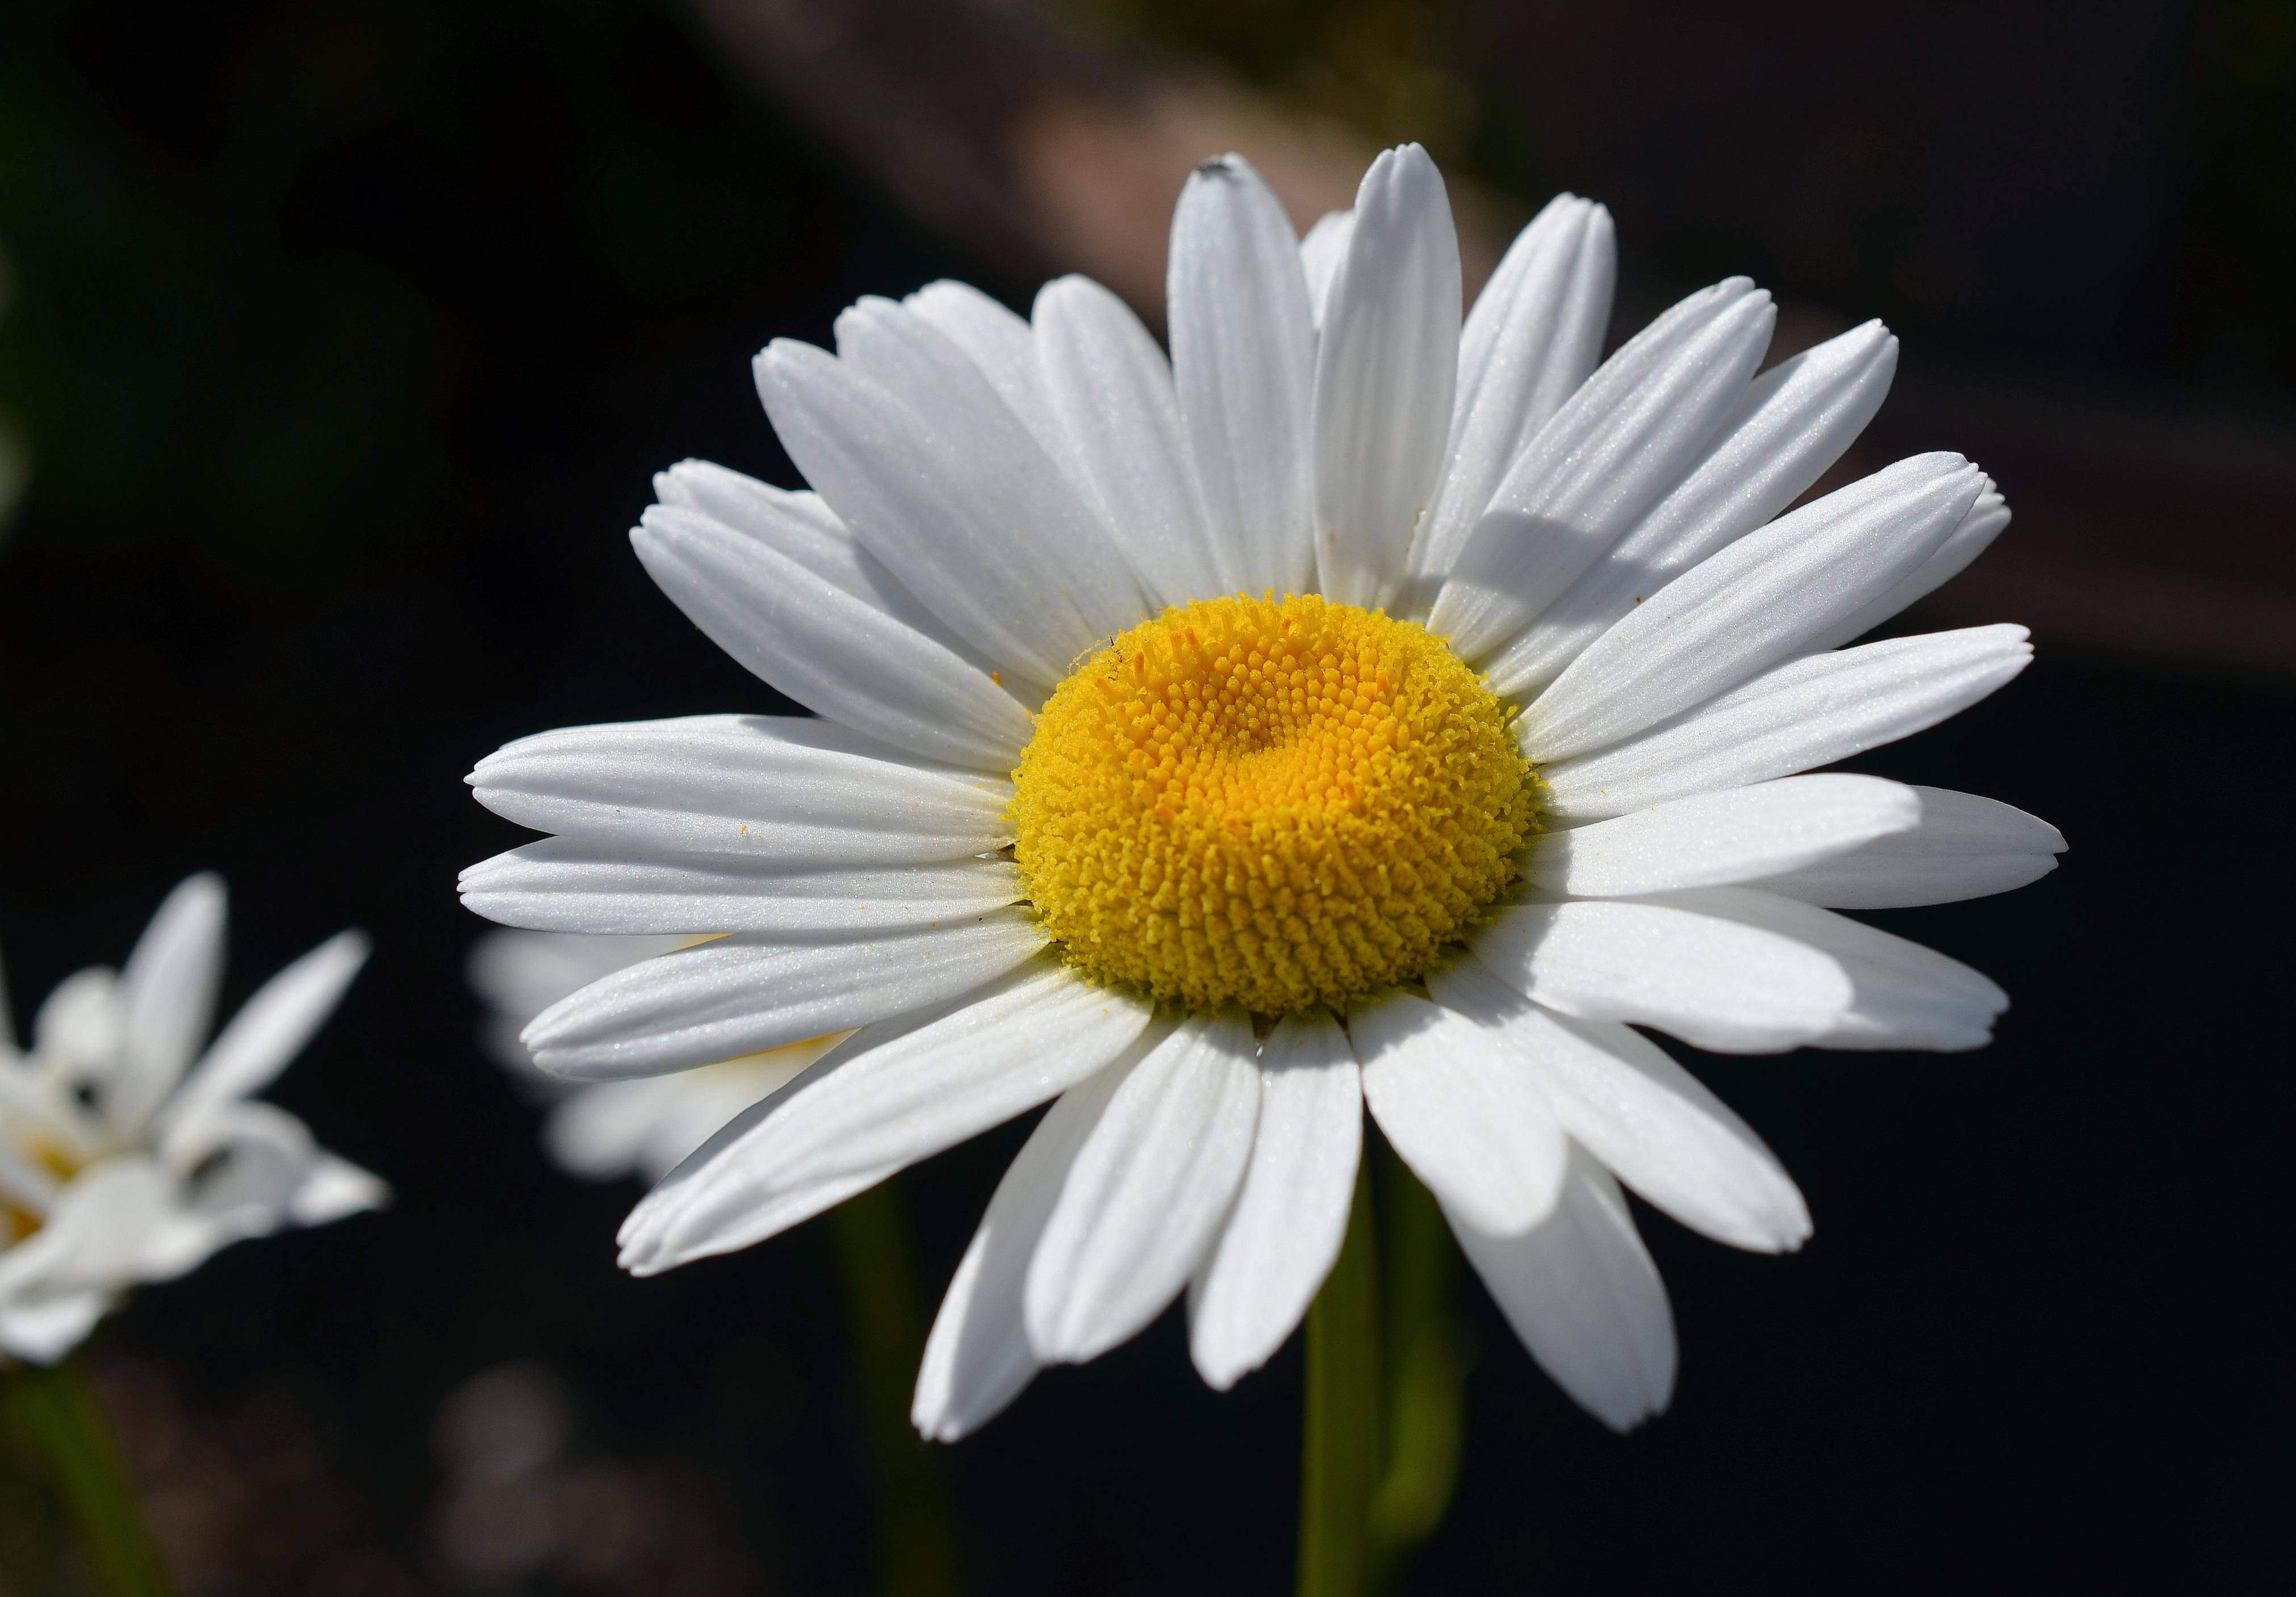 Immagini belle fiorire bianco e nero bianca petalo for Margherita pianta